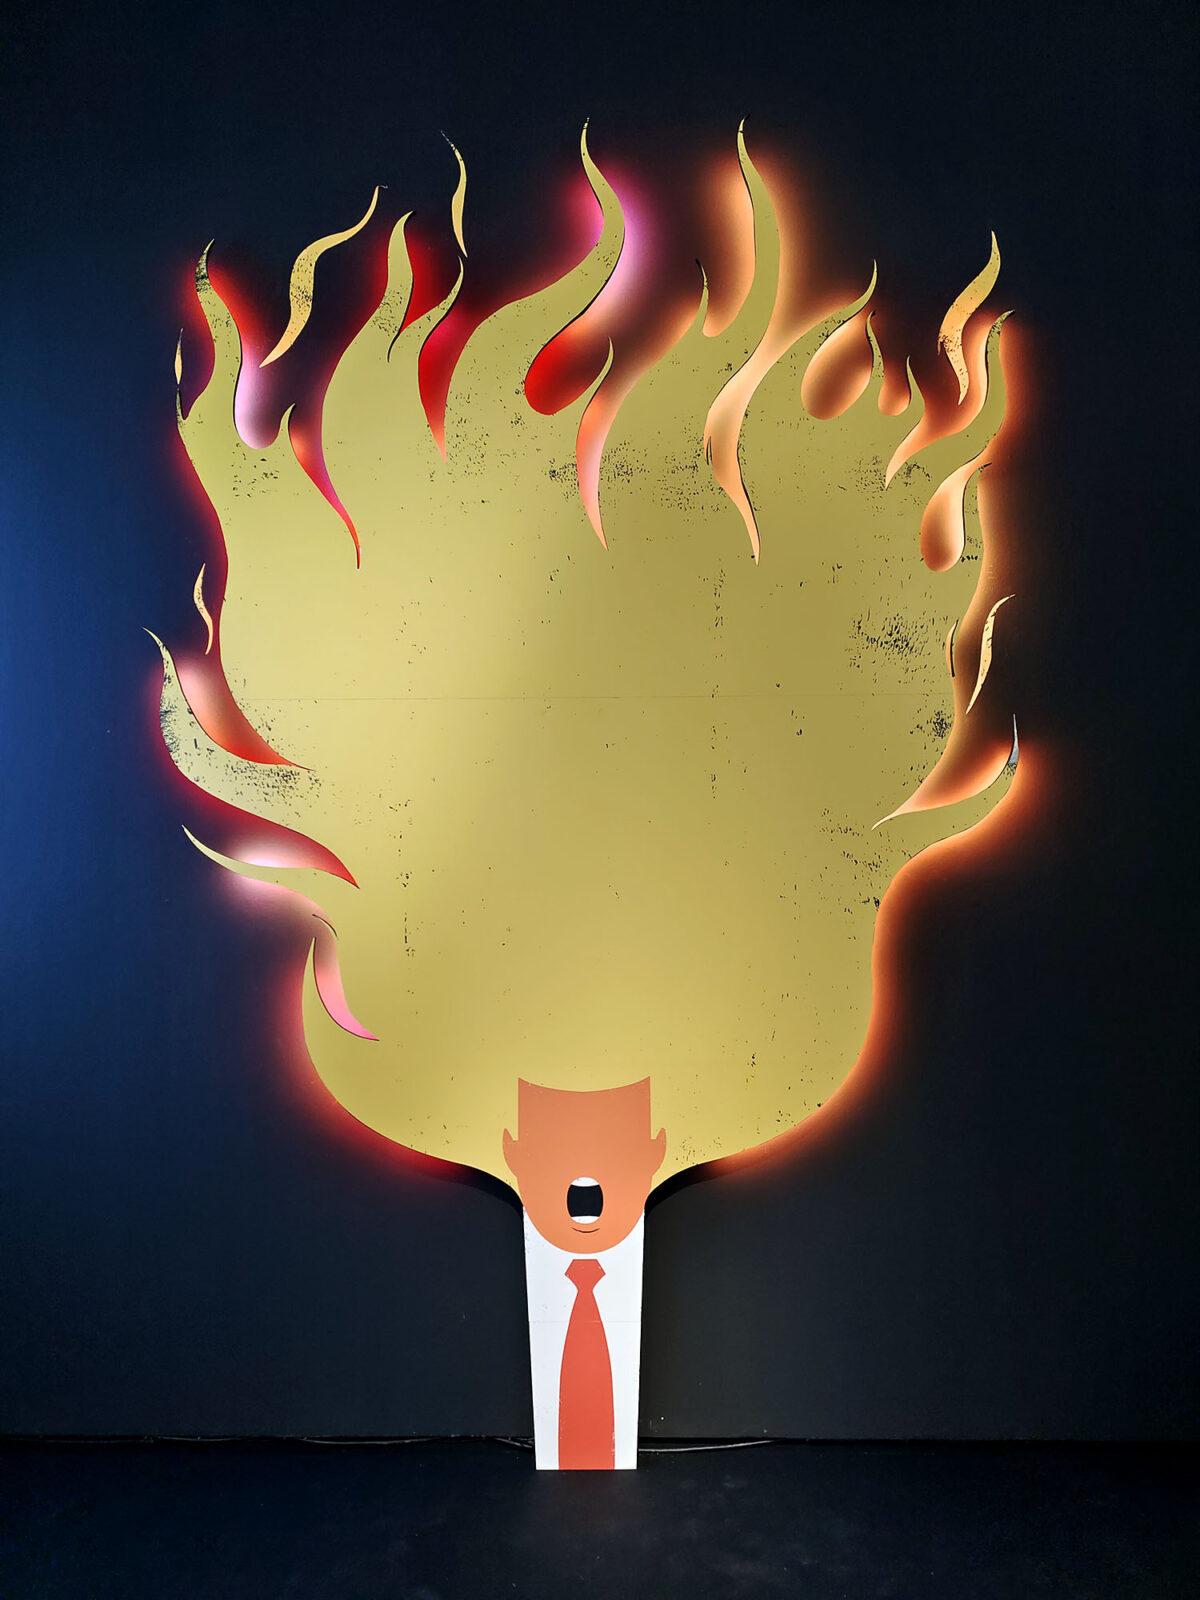 Trump Hair on Fire